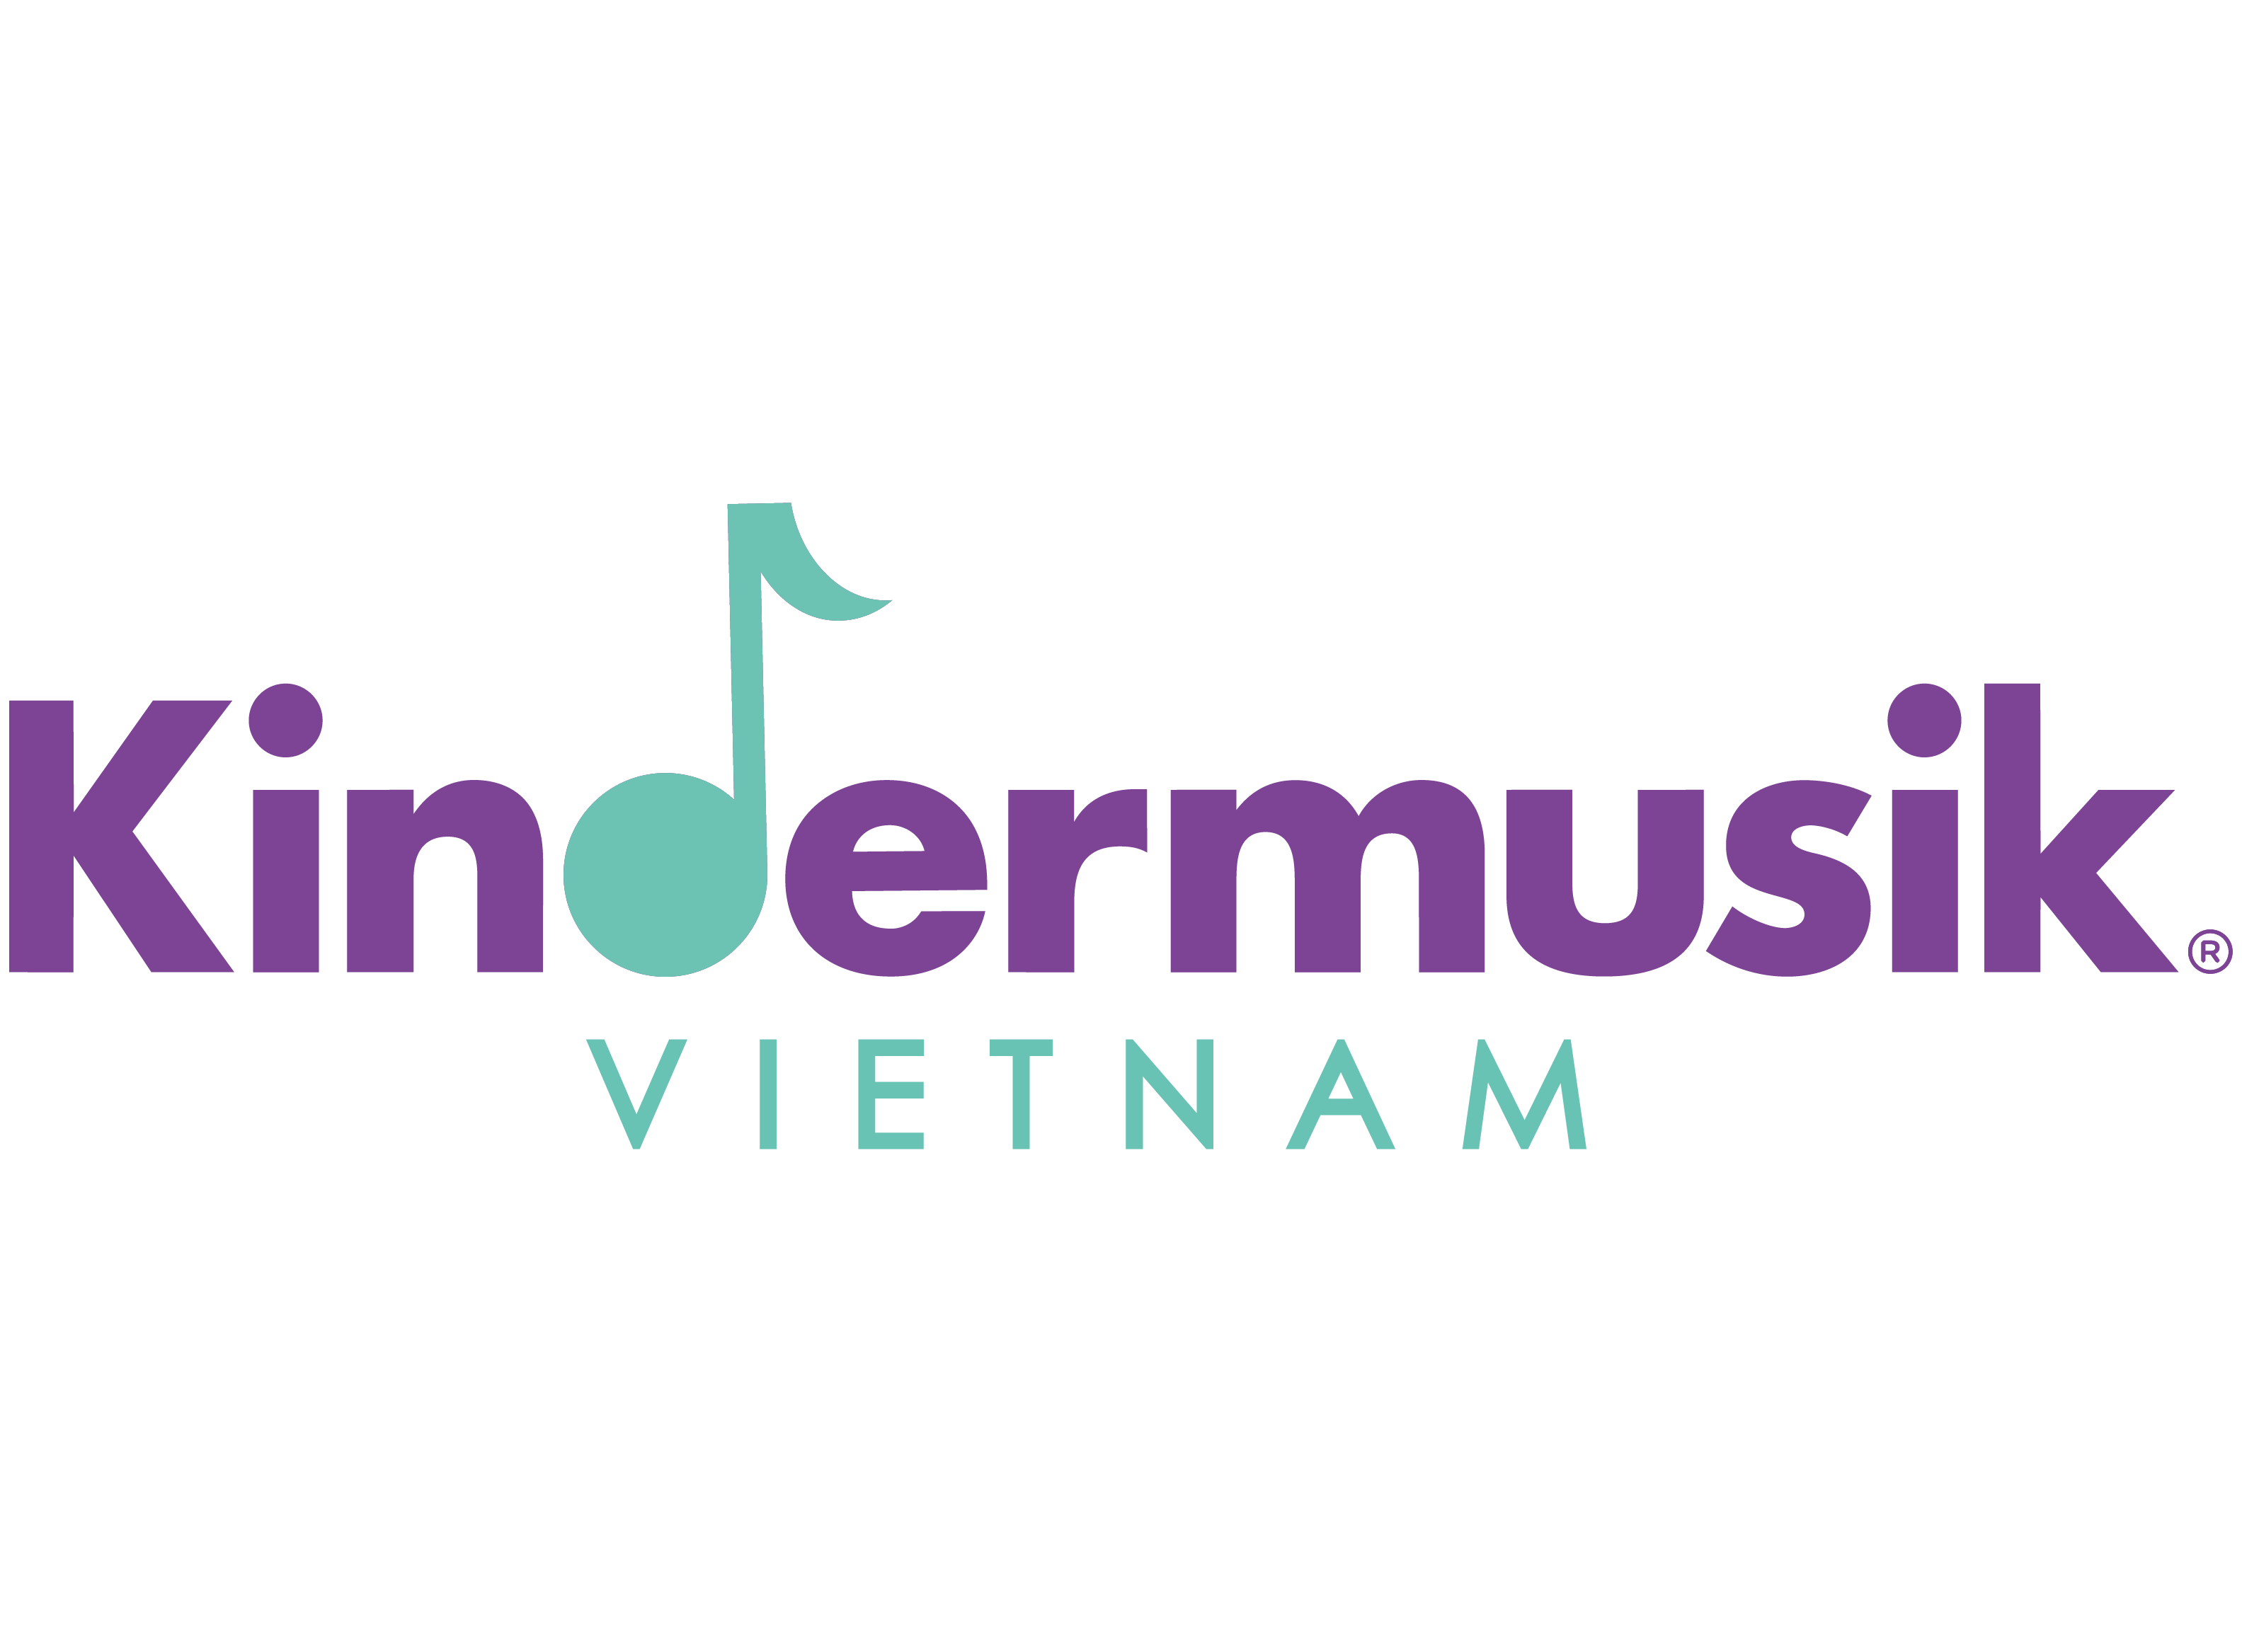 Kindermusik Vietnam